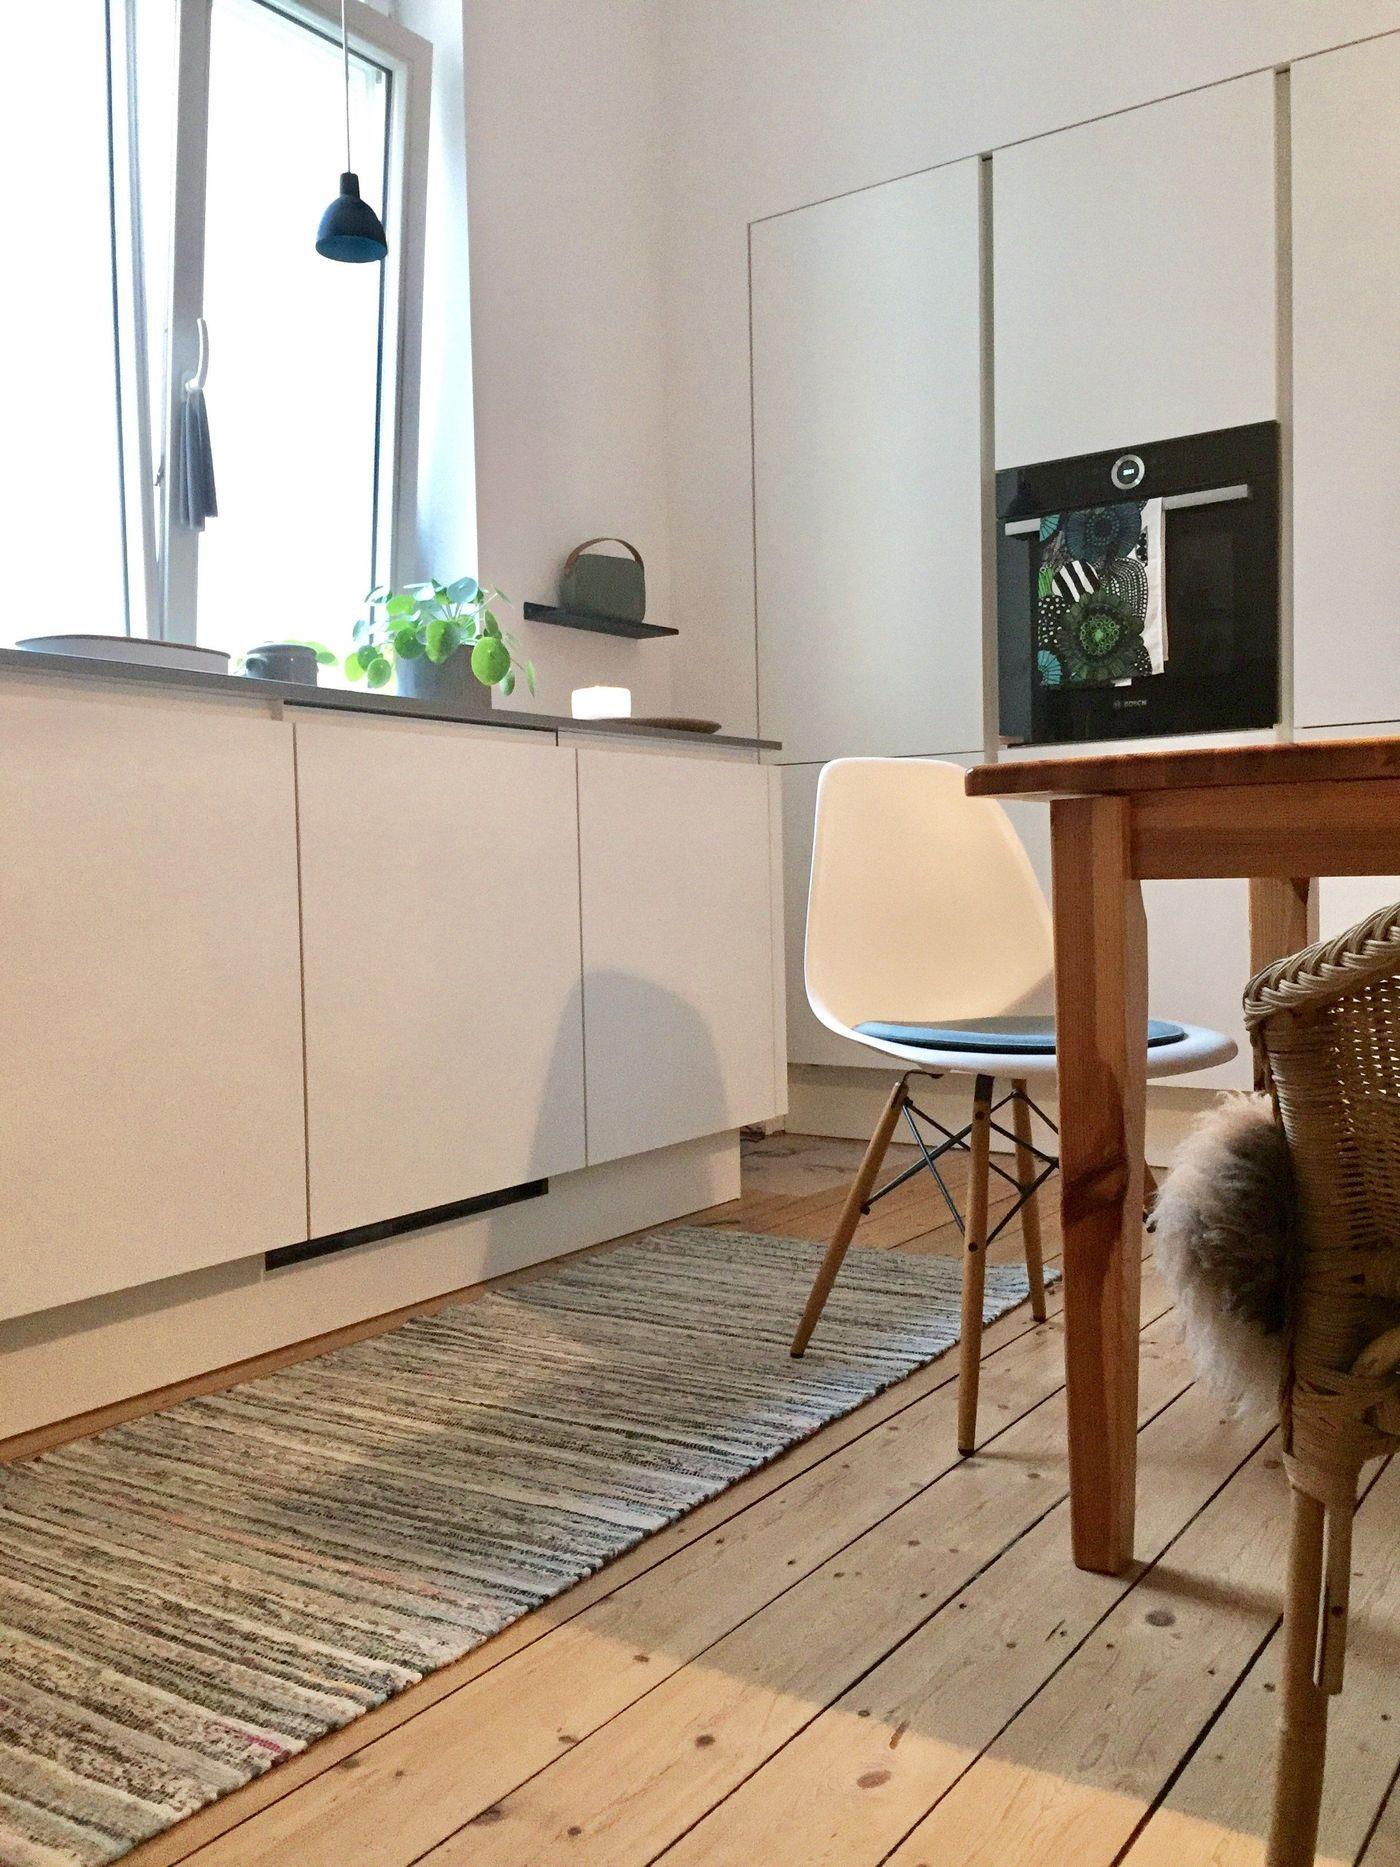 Full Size of Küche Teppich Schnsten Ideen Fr Teppiche Von Ikea Led Panel Landhaus Landhausküche Weiß U Form Wandverkleidung Büroküche Scheibengardinen L Mit Kochinsel Wohnzimmer Küche Teppich